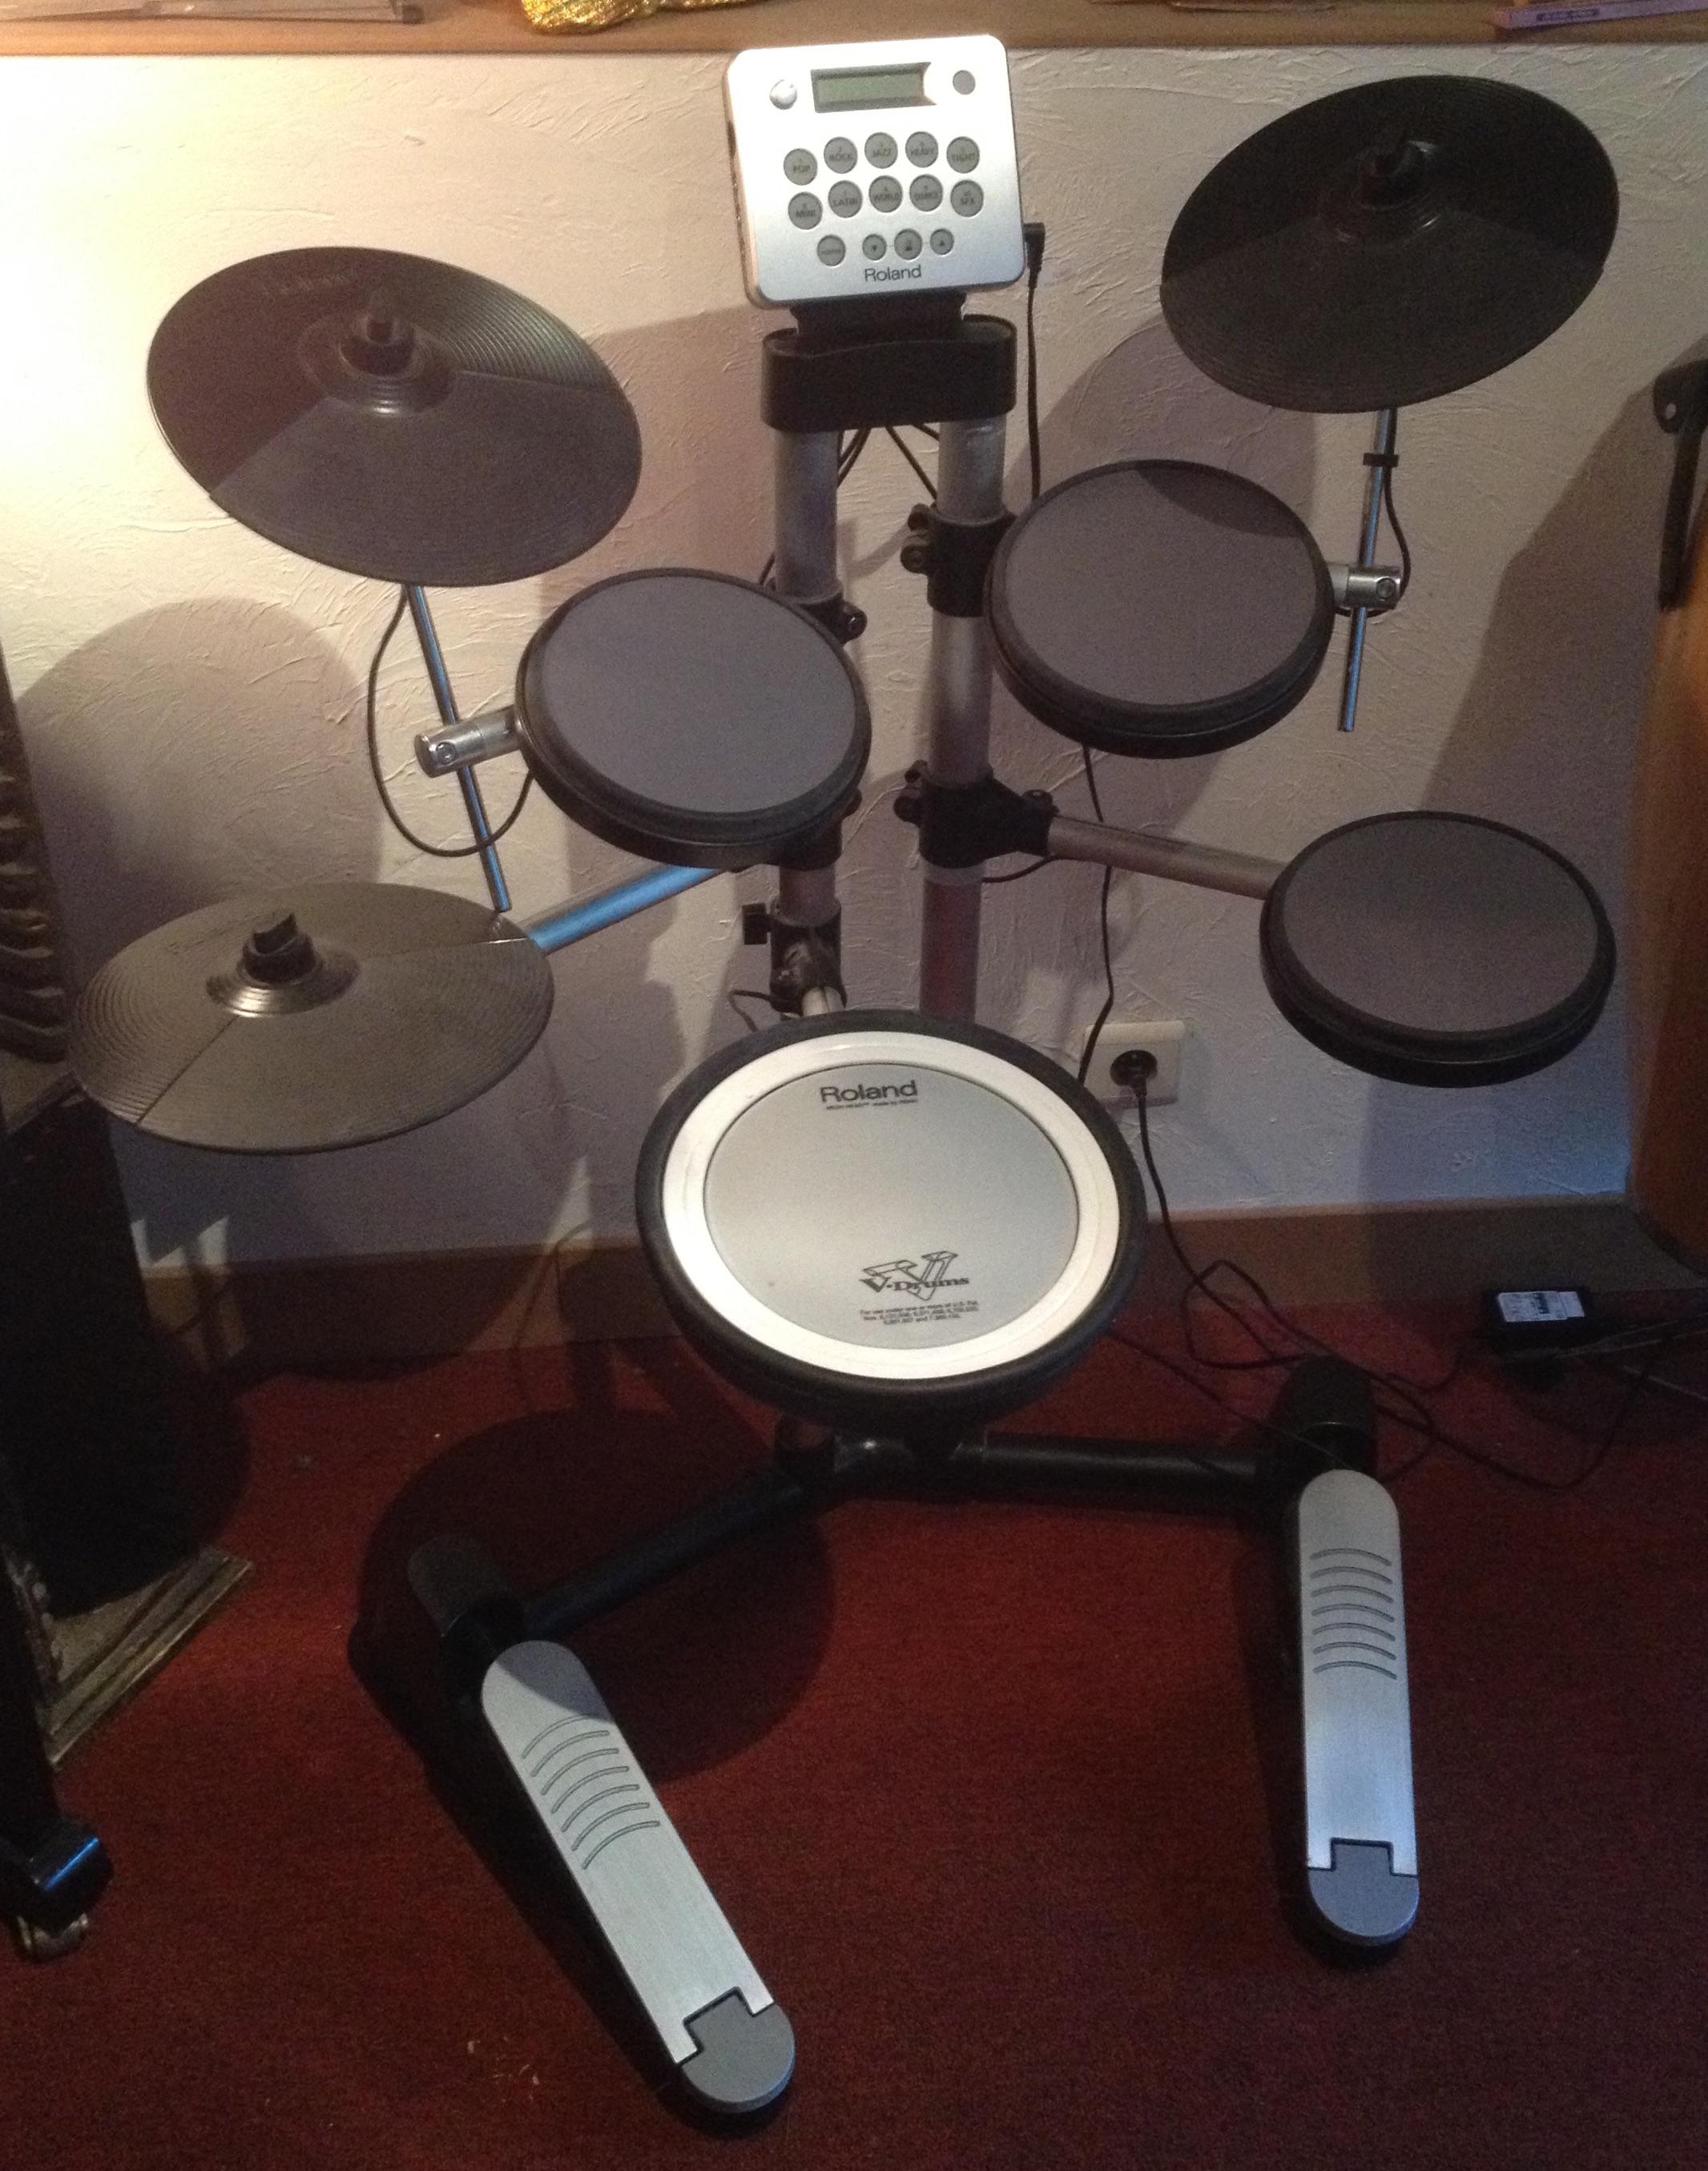 Roland hd 3 image 2030408 audiofanzine - Roland hd3 v drum lite set ...